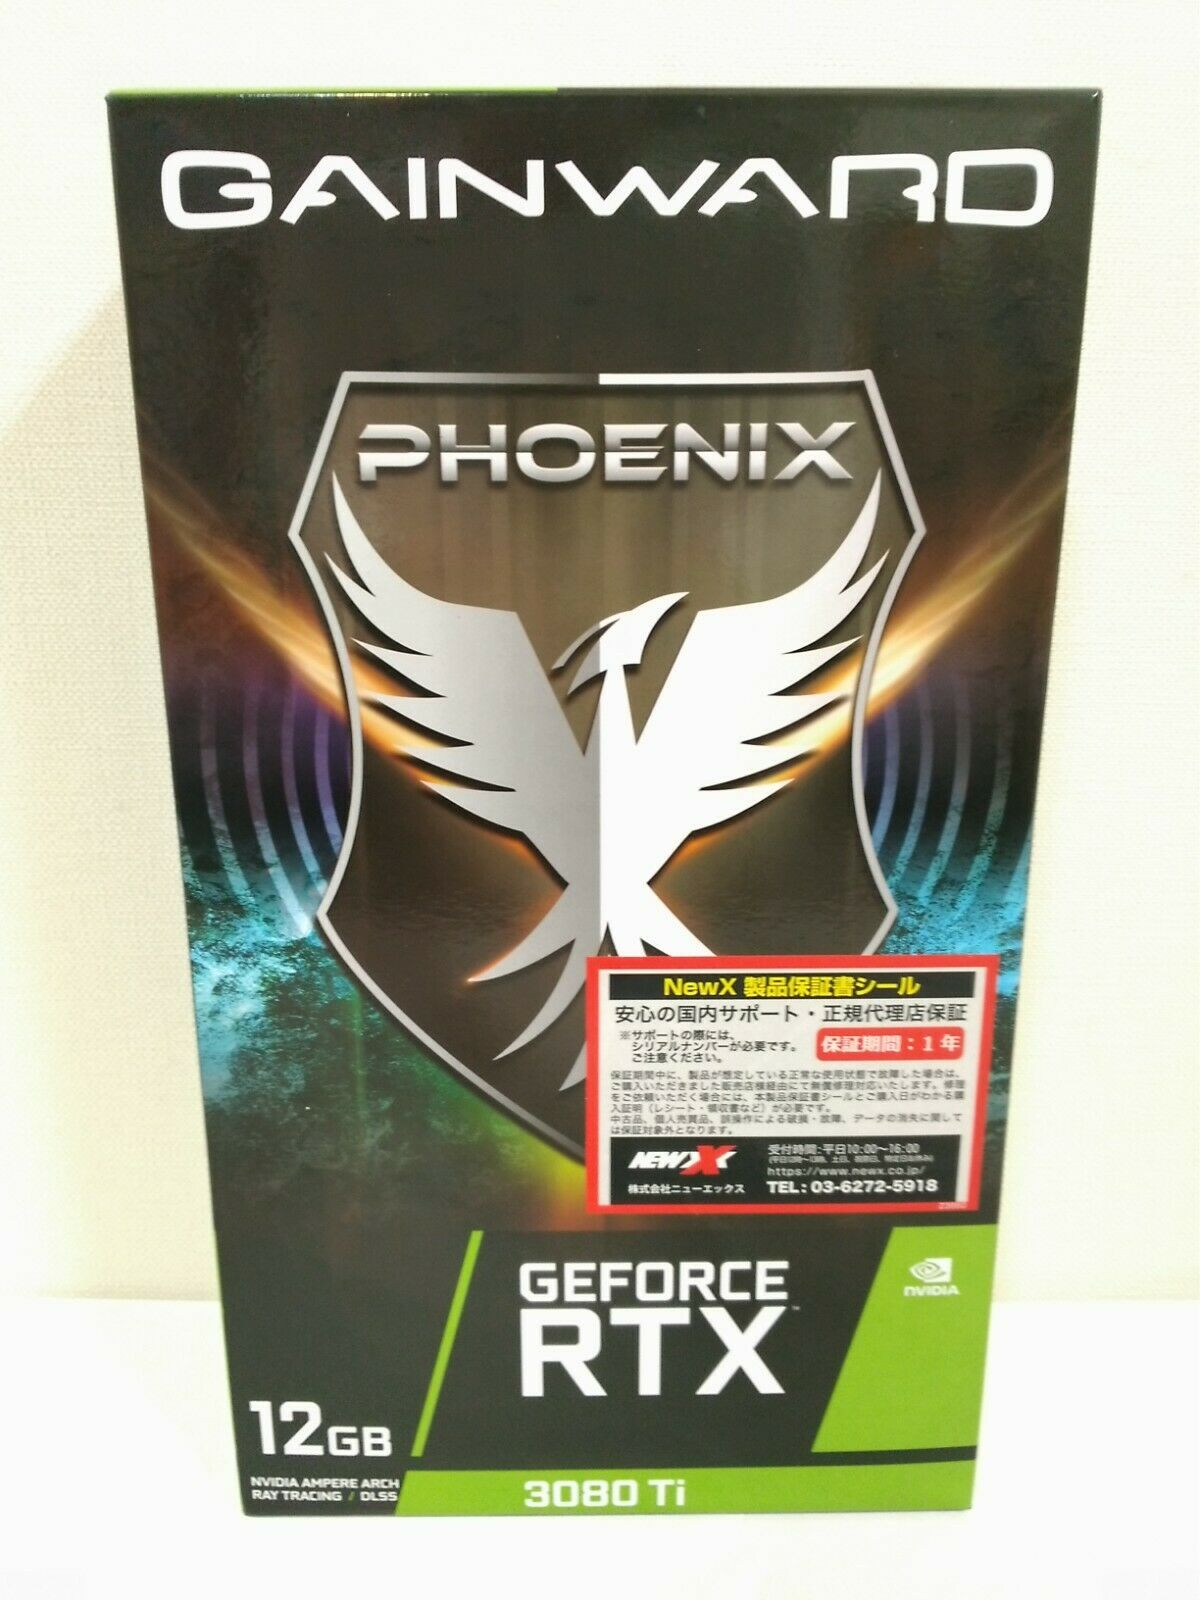 GAINWARD GeForce RTX3080Ti PHOENIX Graphics Board NED308T019KB-132AX-G VD7693